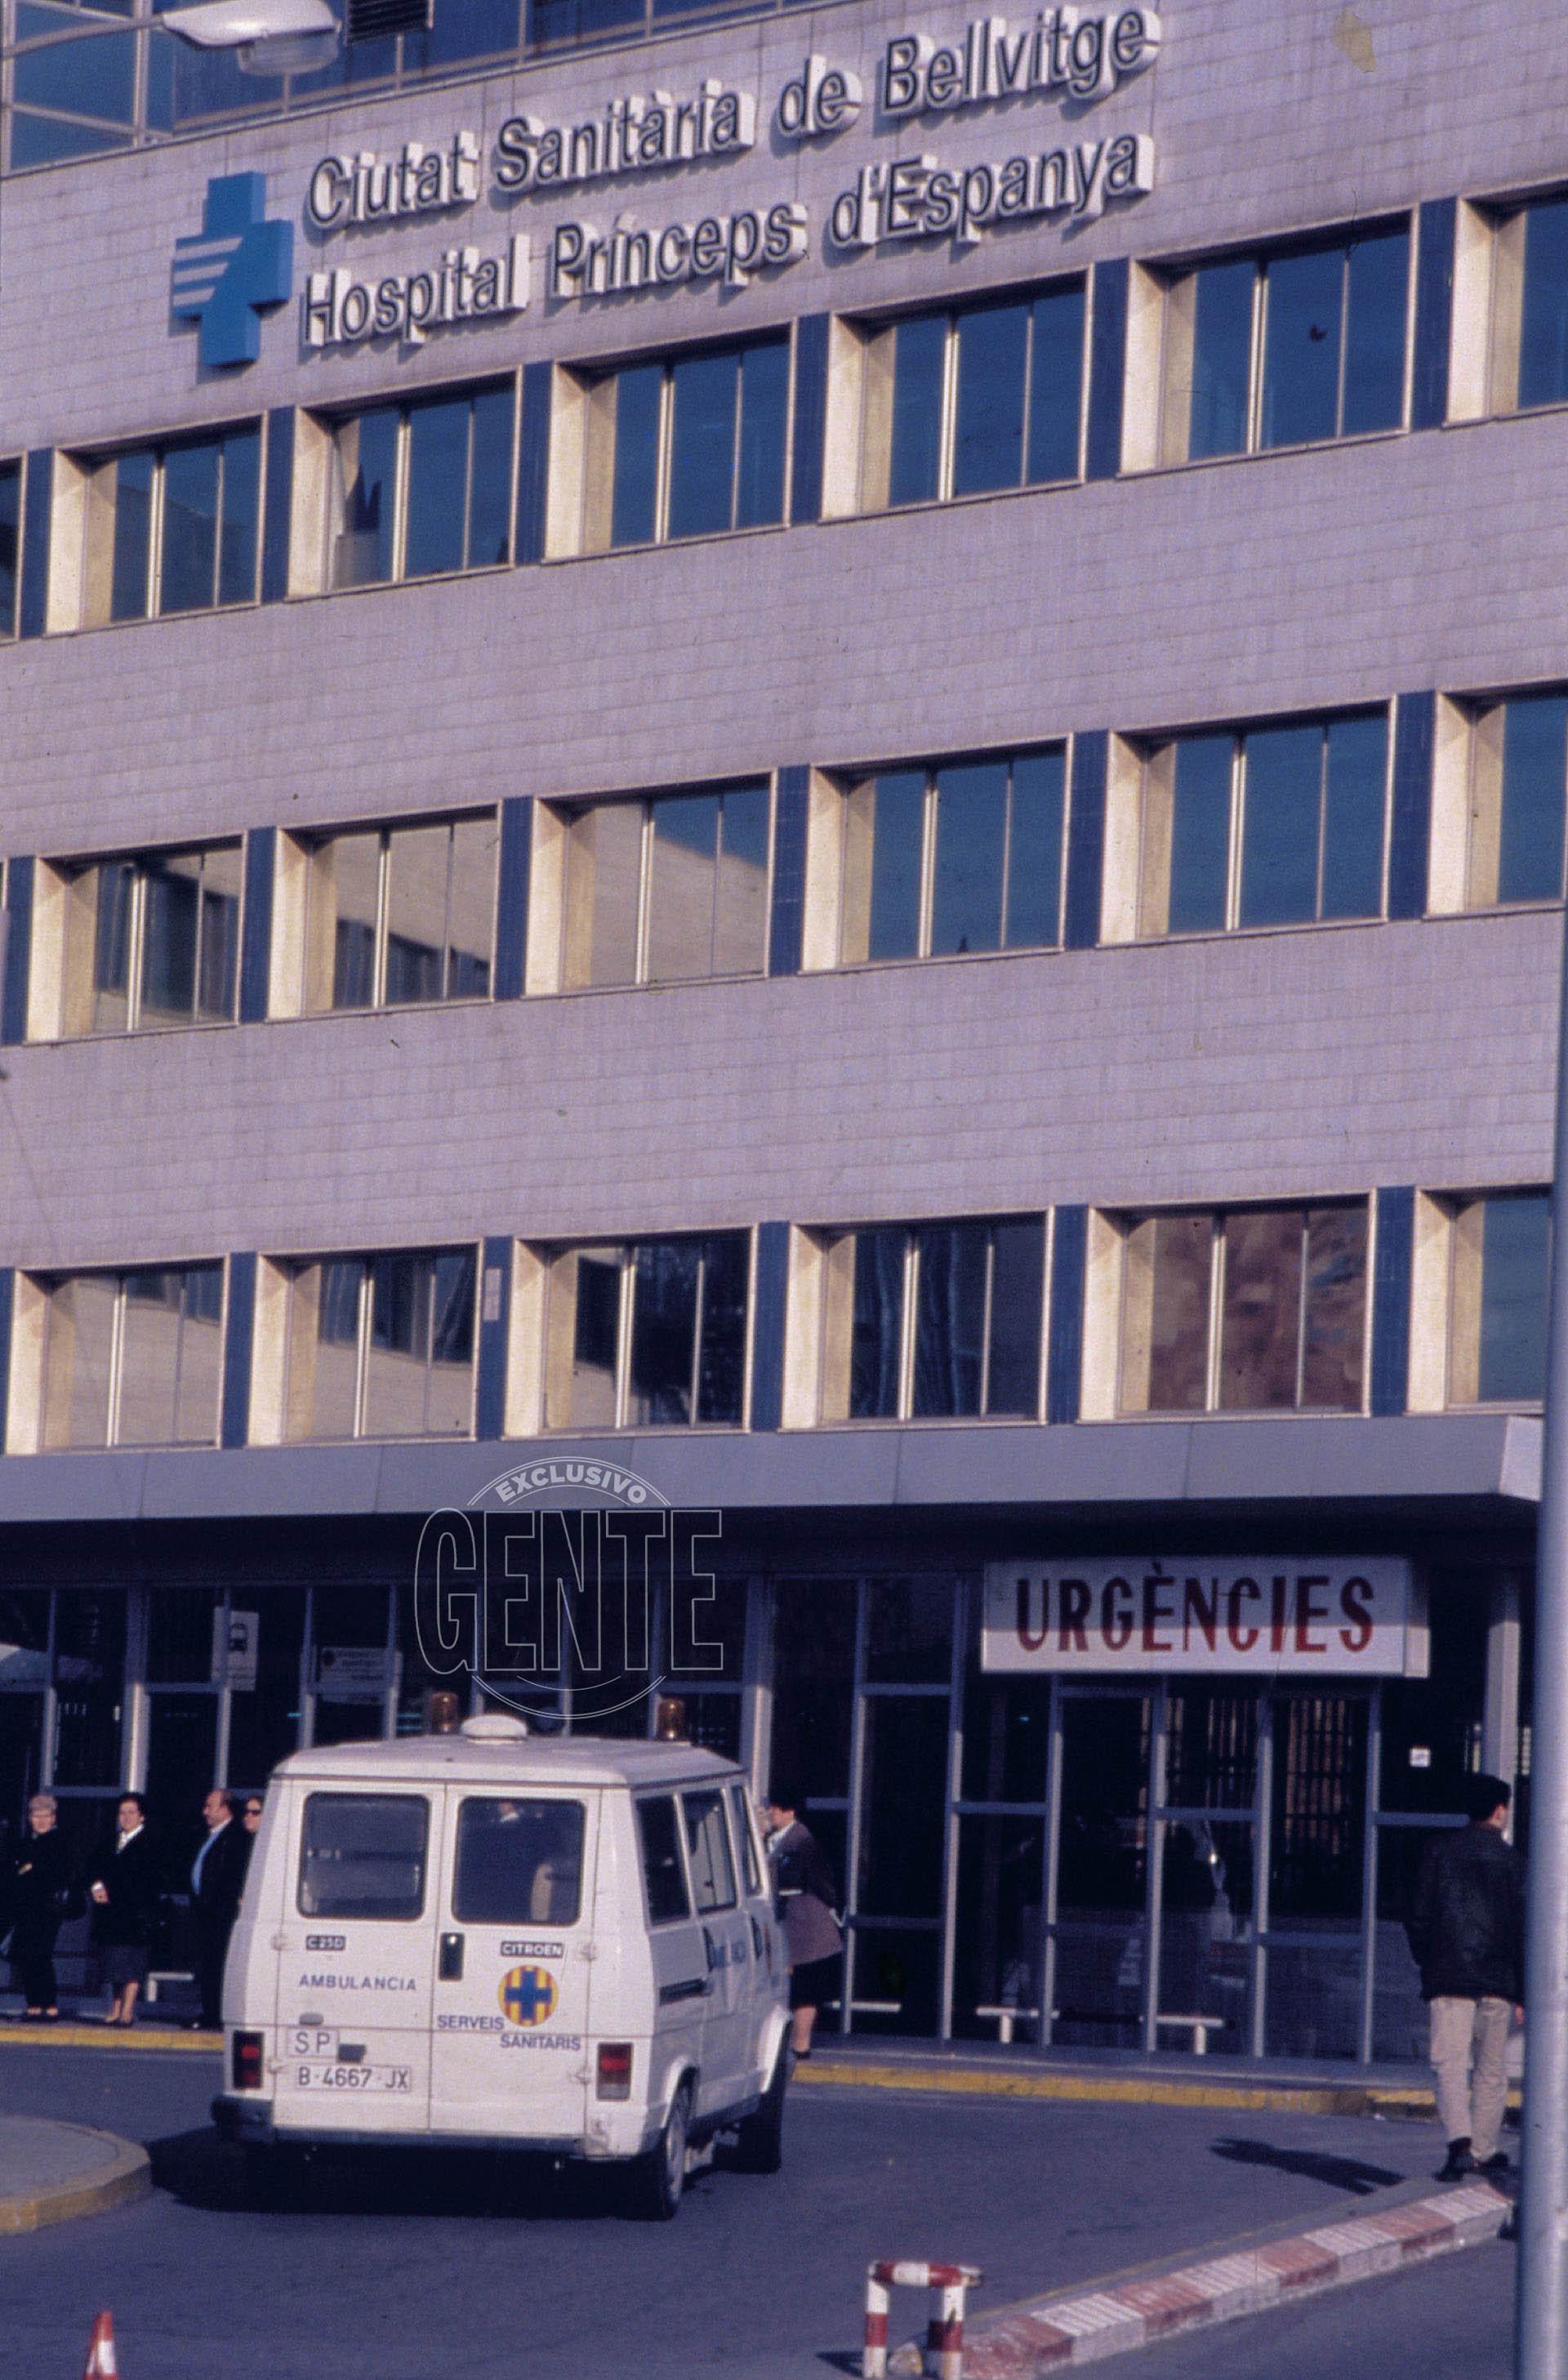 La fachada del hospital Príncipes de España, de la Ciudad Sanitaria de Bellvitge.(Foto Archivo GENTE)